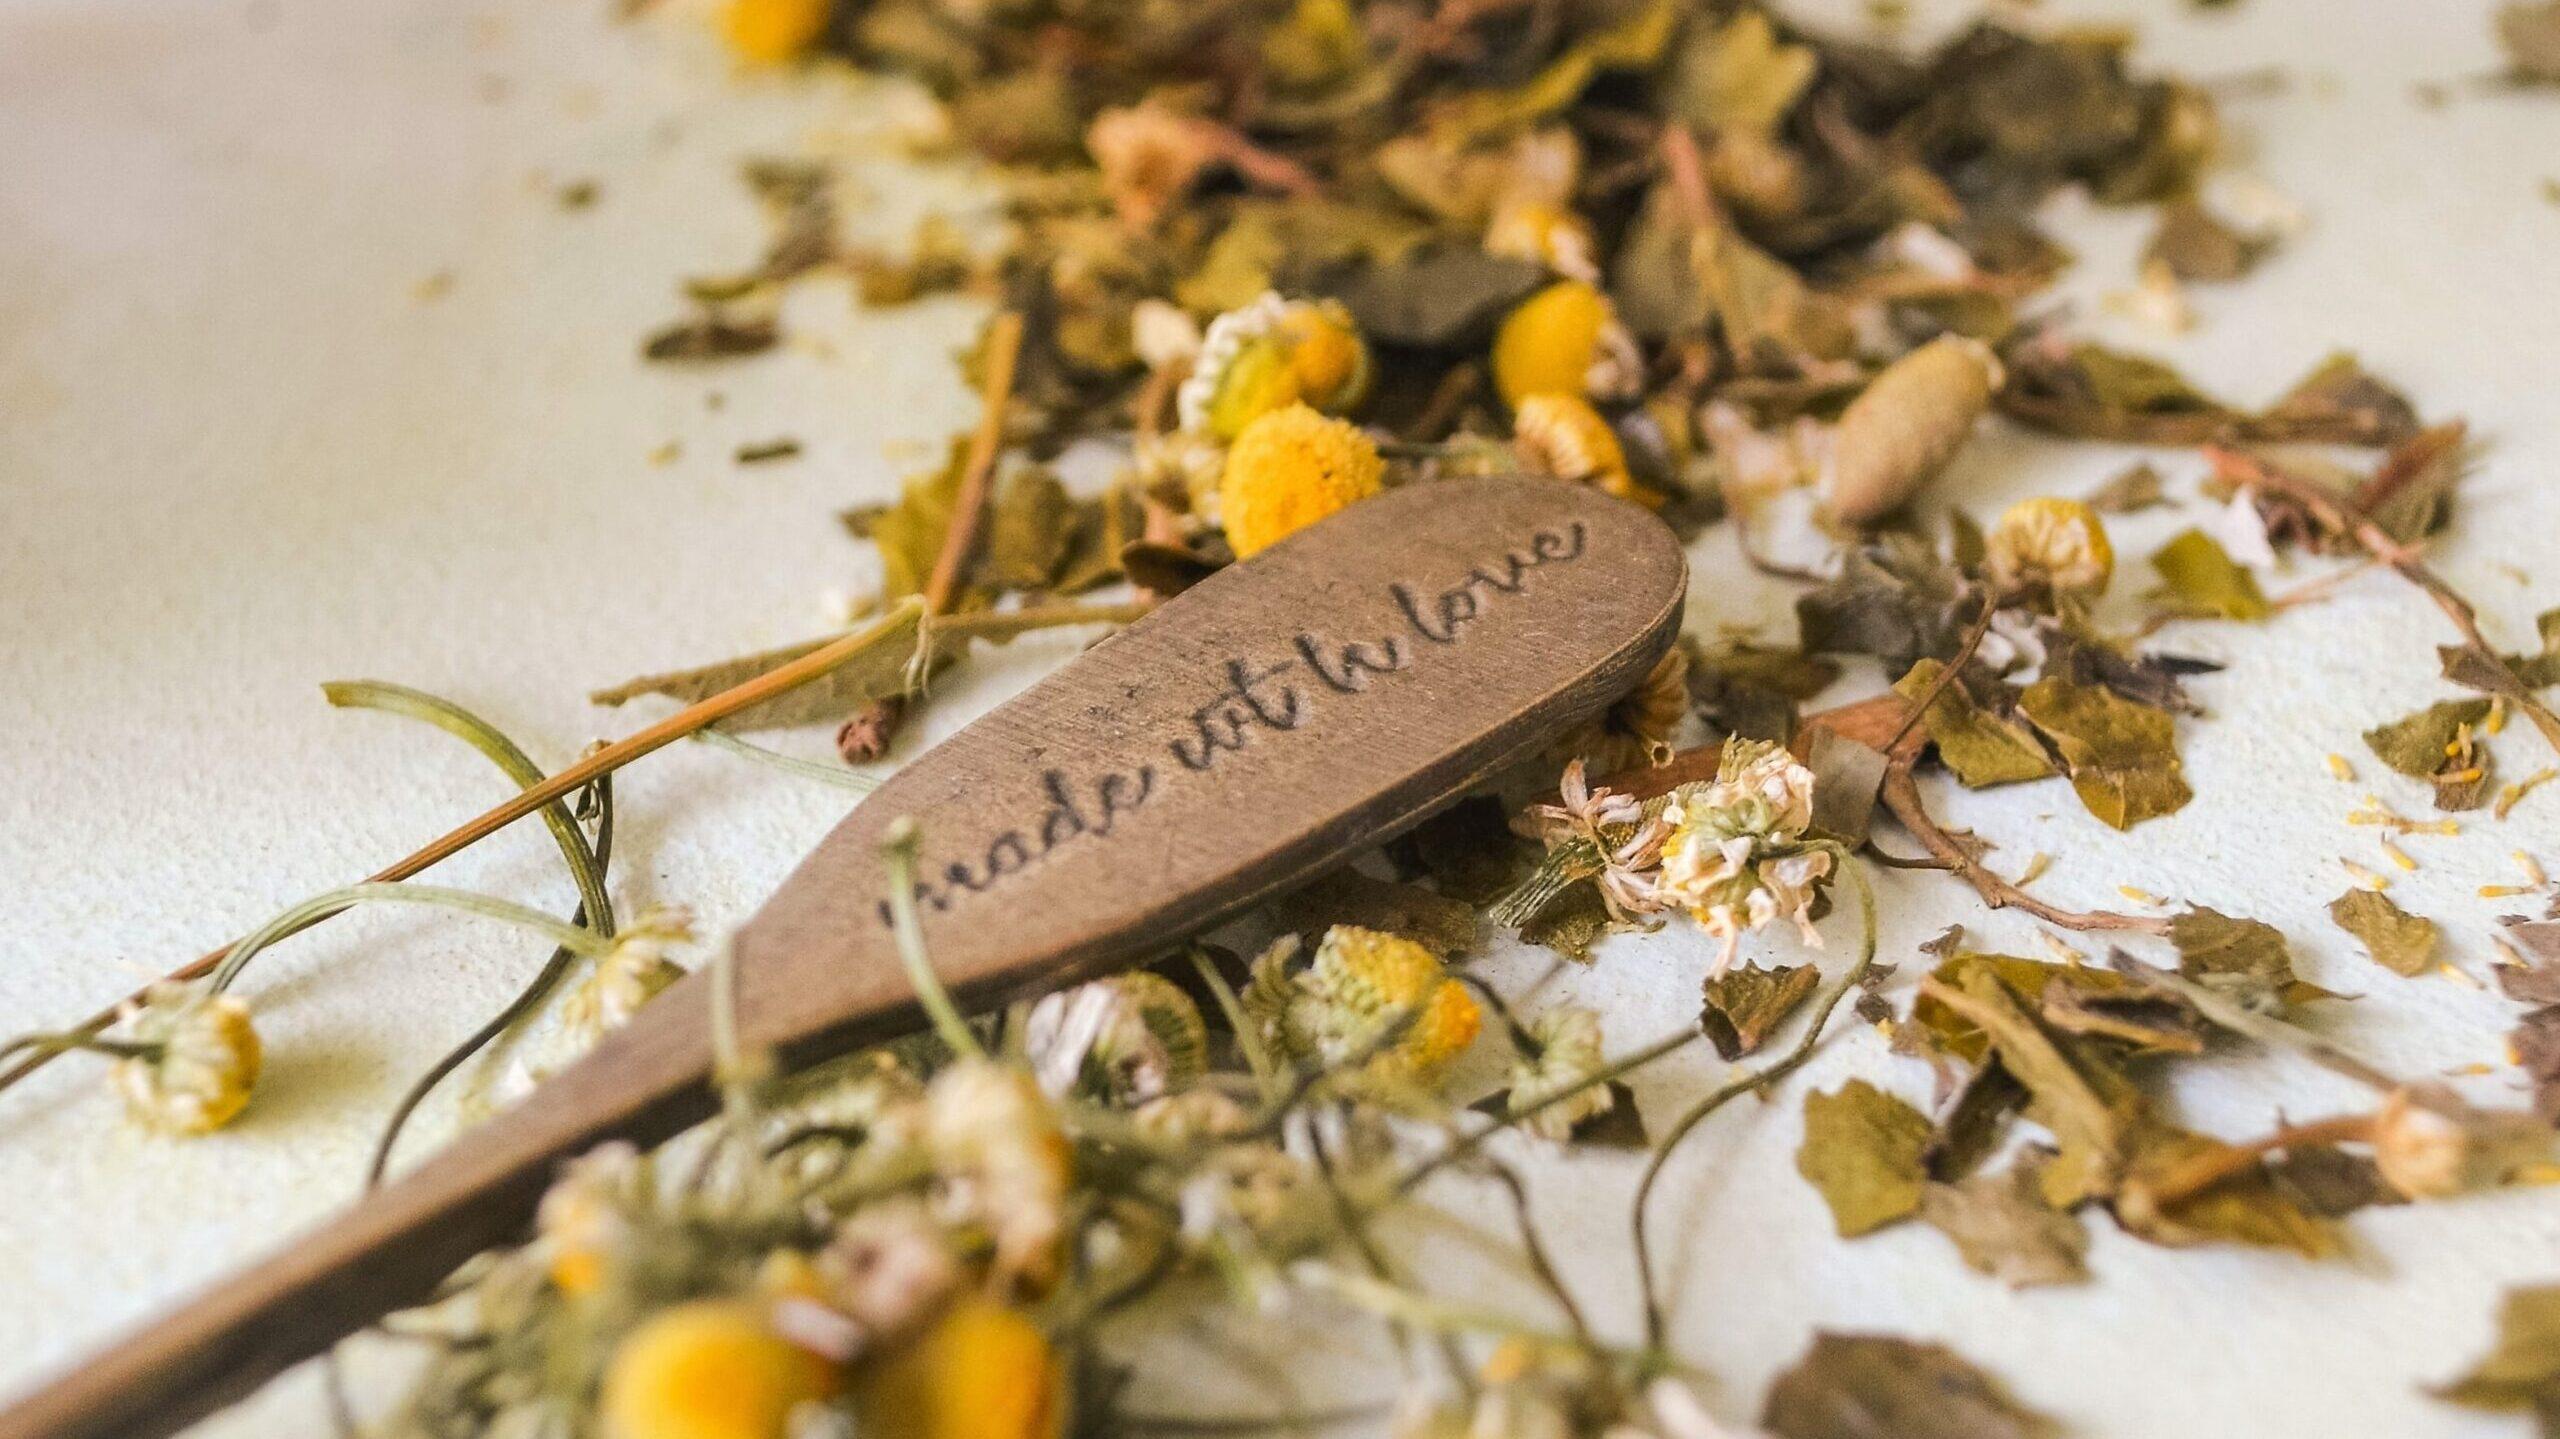 Té de manzanilla, el remedio natural para muchos malestares